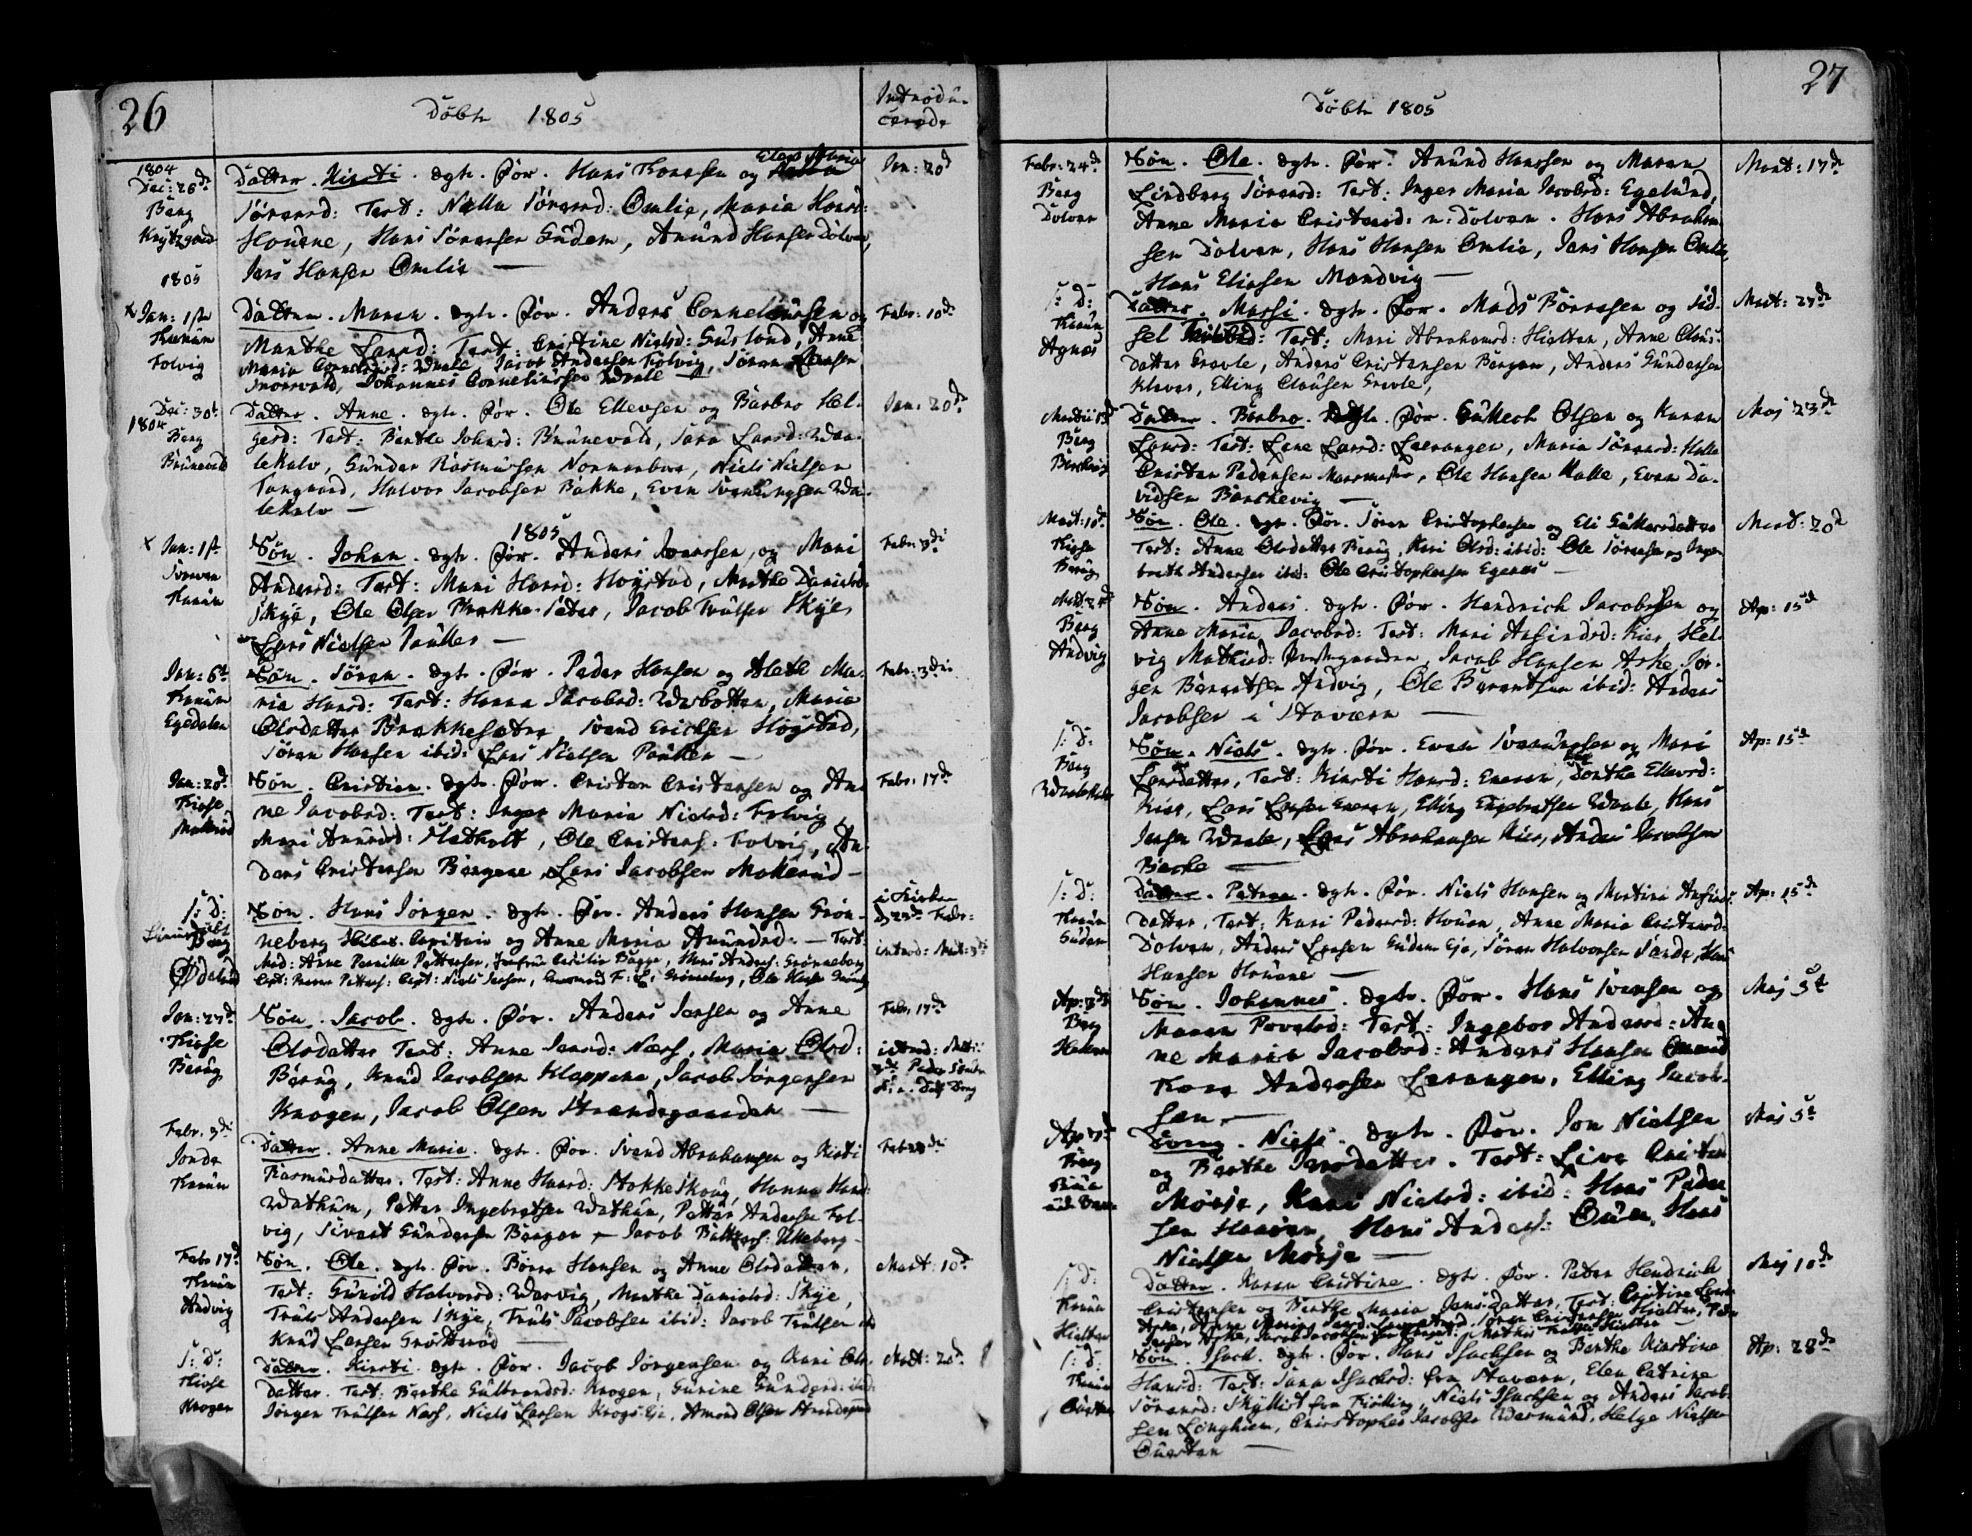 SAKO, Brunlanes kirkebøker, F/Fa/L0002: Ministerialbok nr. I 2, 1802-1834, s. 26-27